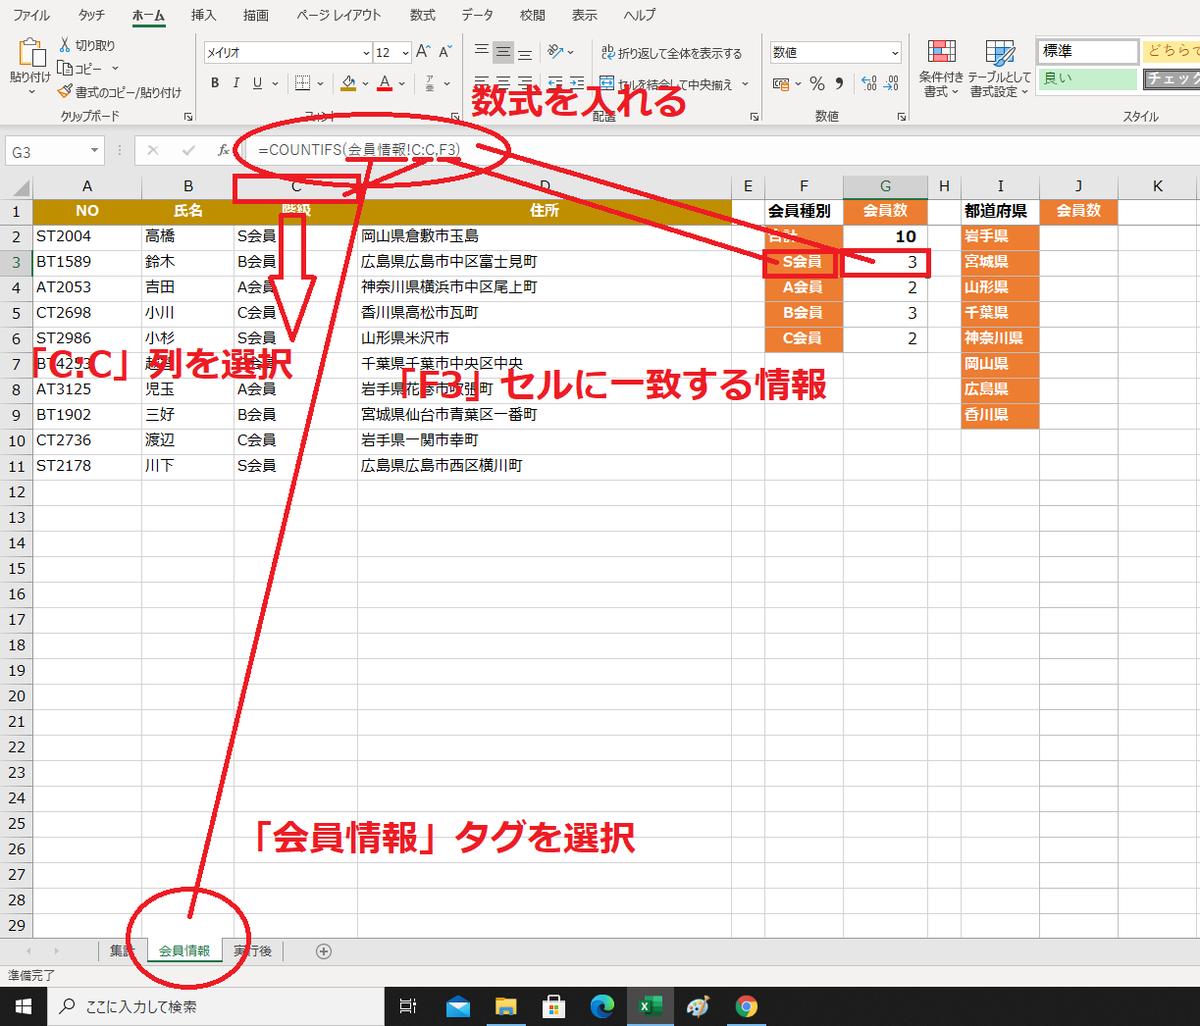 f:id:Djiro:20201216230619p:plain